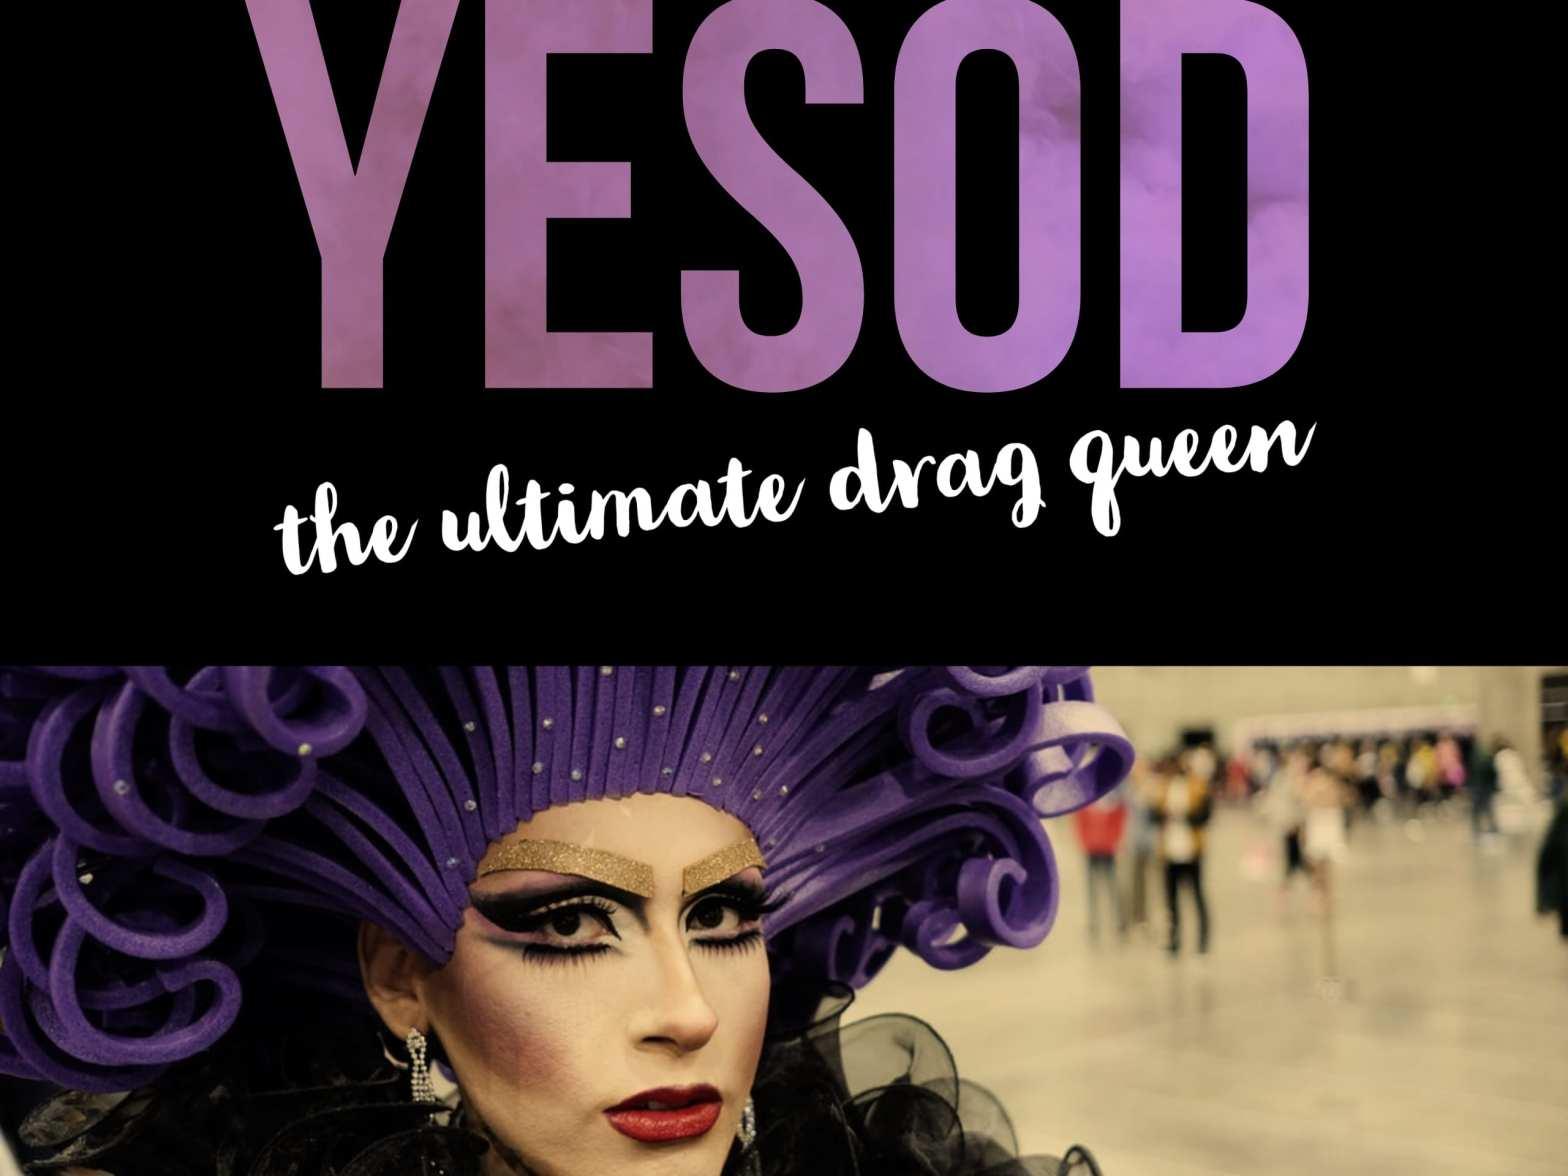 Yesod: The Ultimate Drag Queen